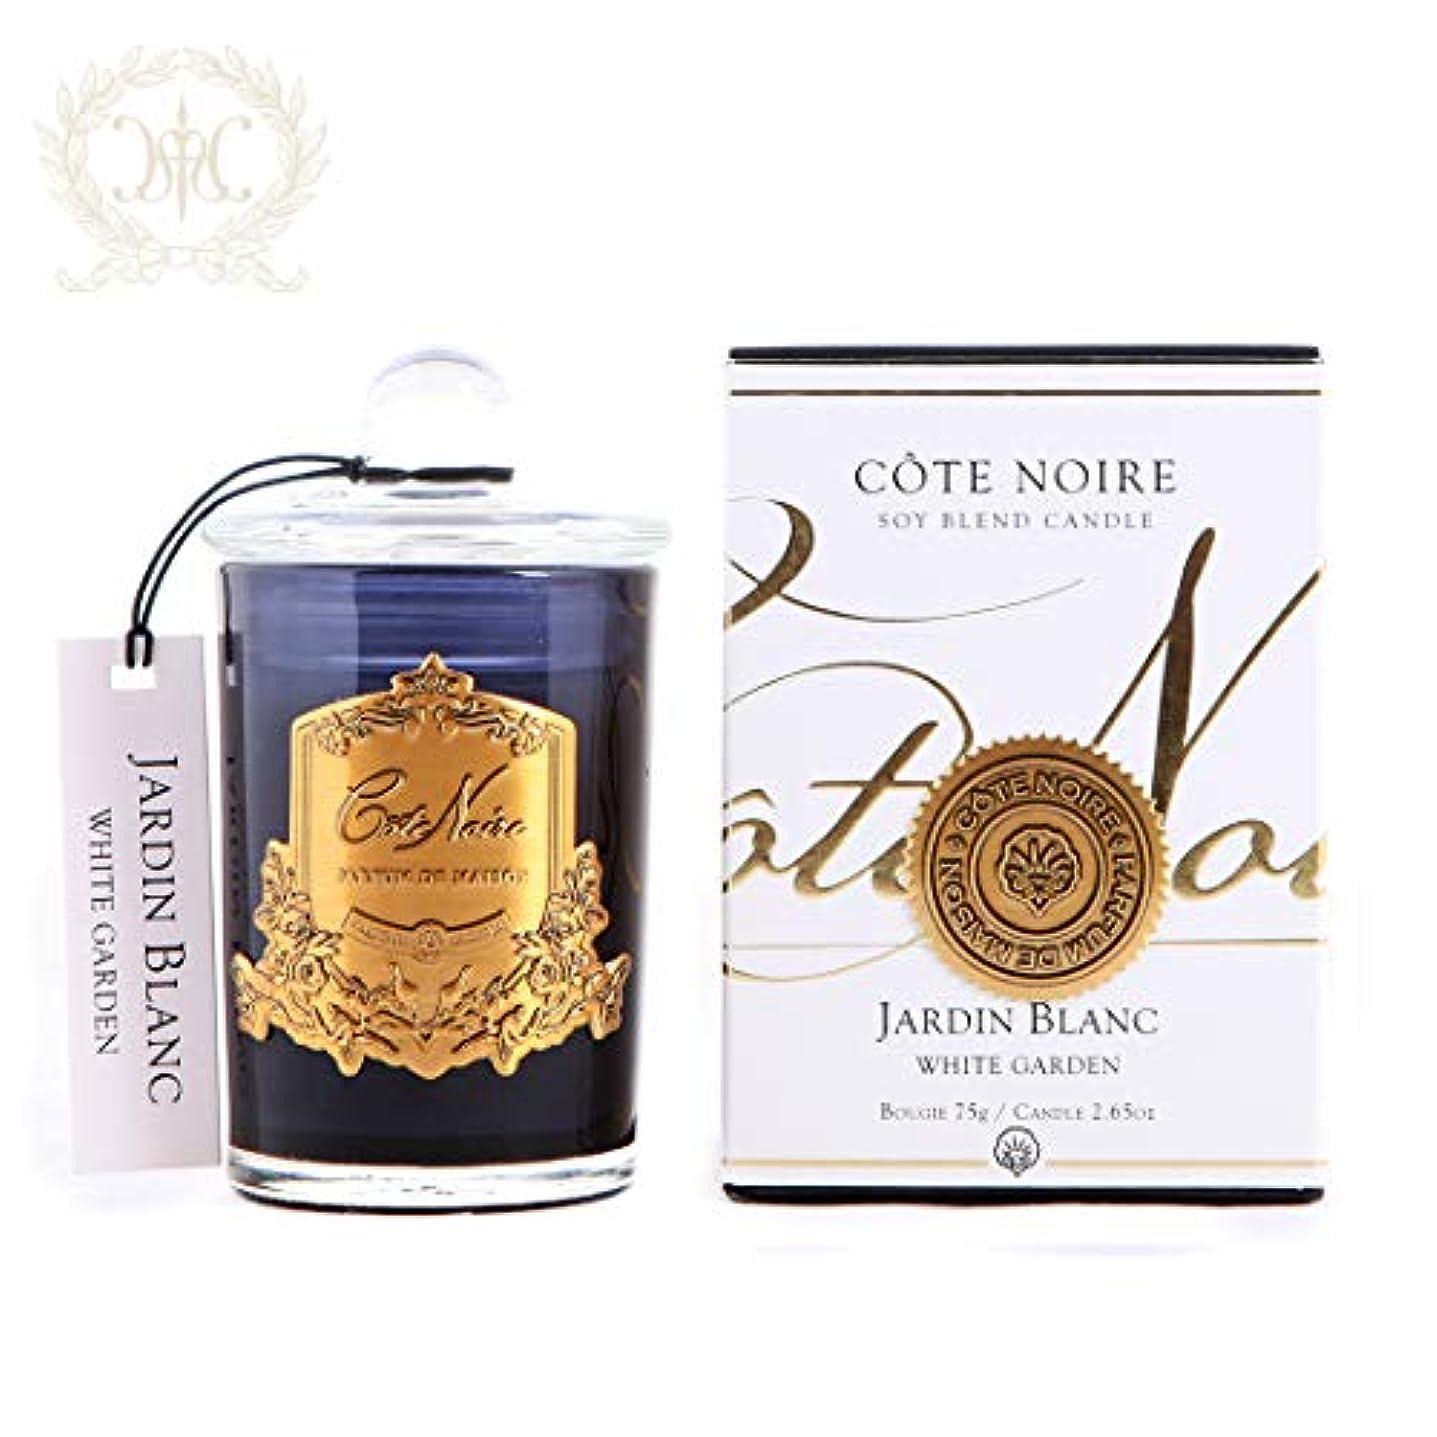 ソイブレンドアロマキャンドル/ホワイトガーデン Cote Noire/コートノアール(イギリス)